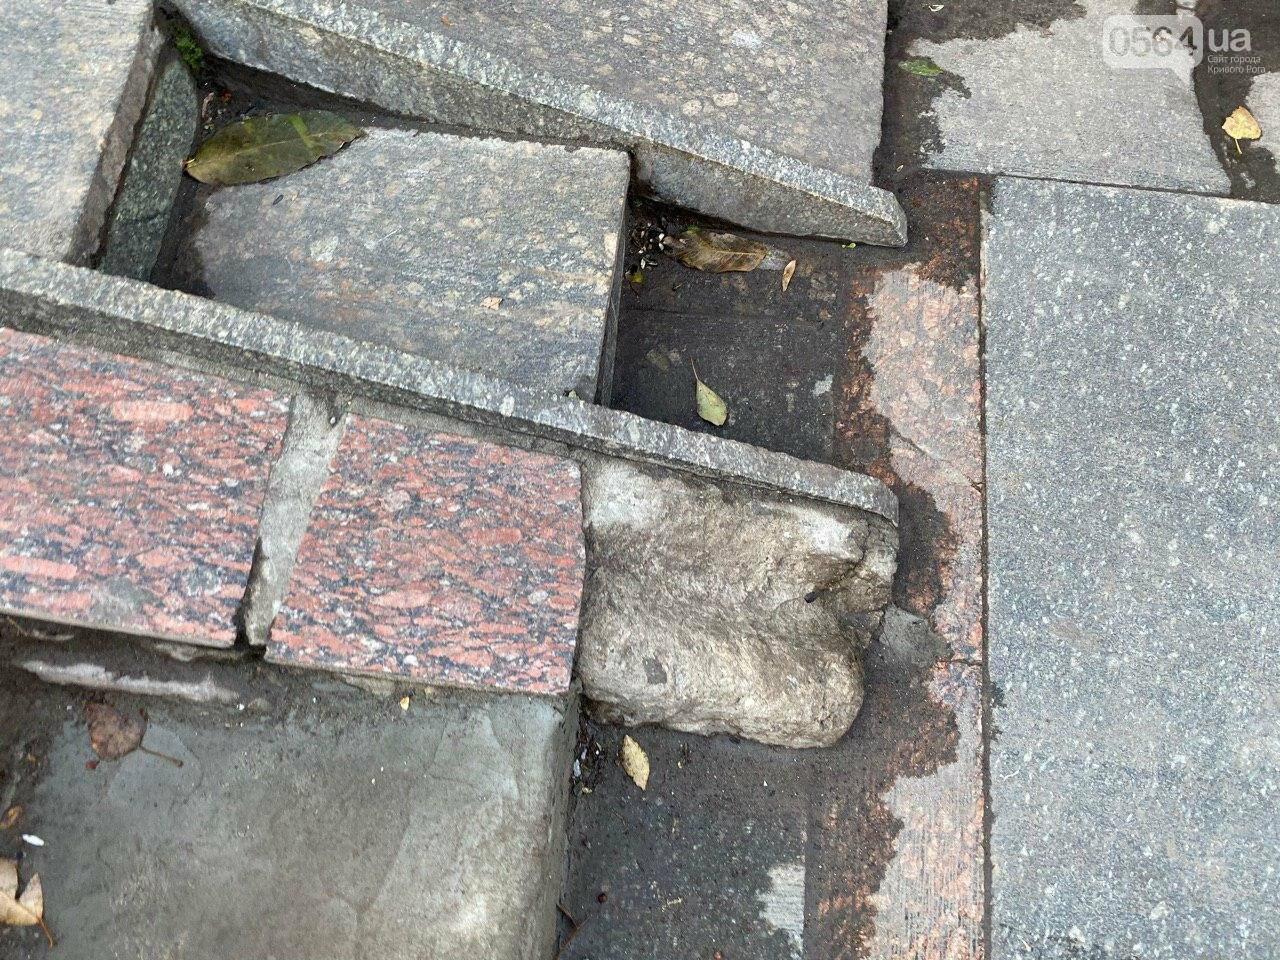 Как выглядит после ремонта переход в центре Кривого Рога, - ФОТО , фото-11